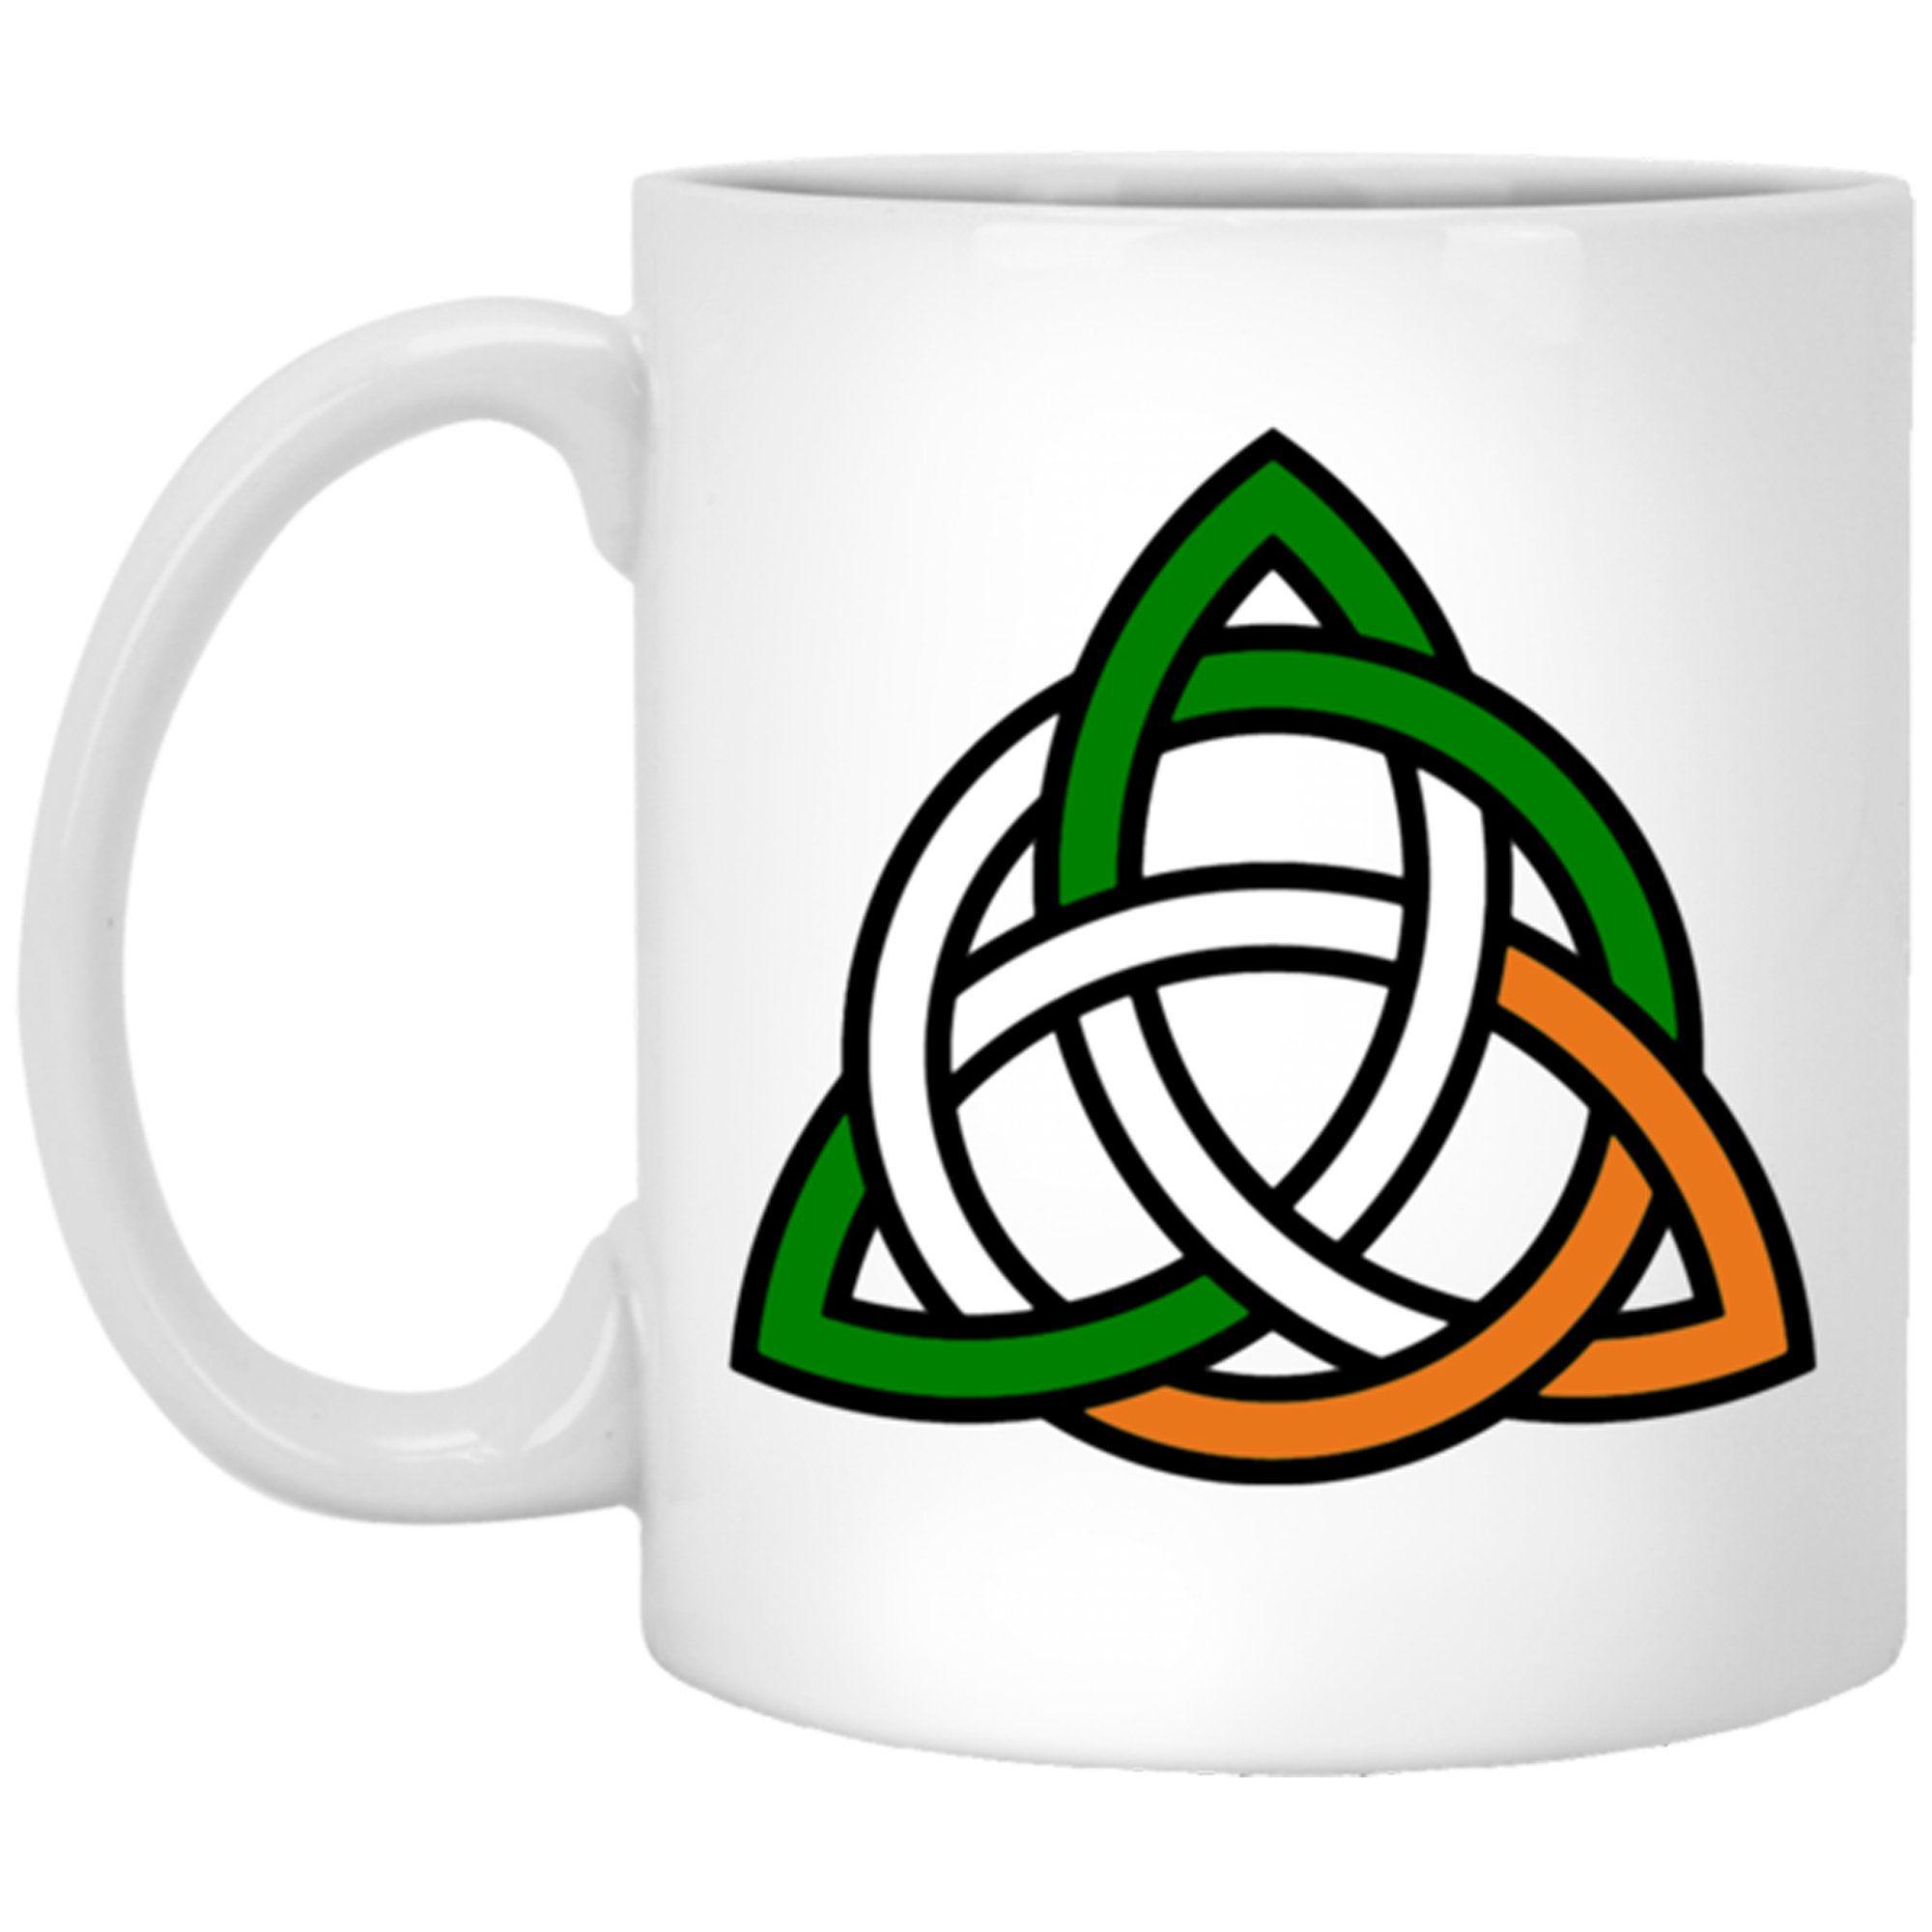 Celtic Knot Novelty Coffee Mug, Celtic Knot Pattern